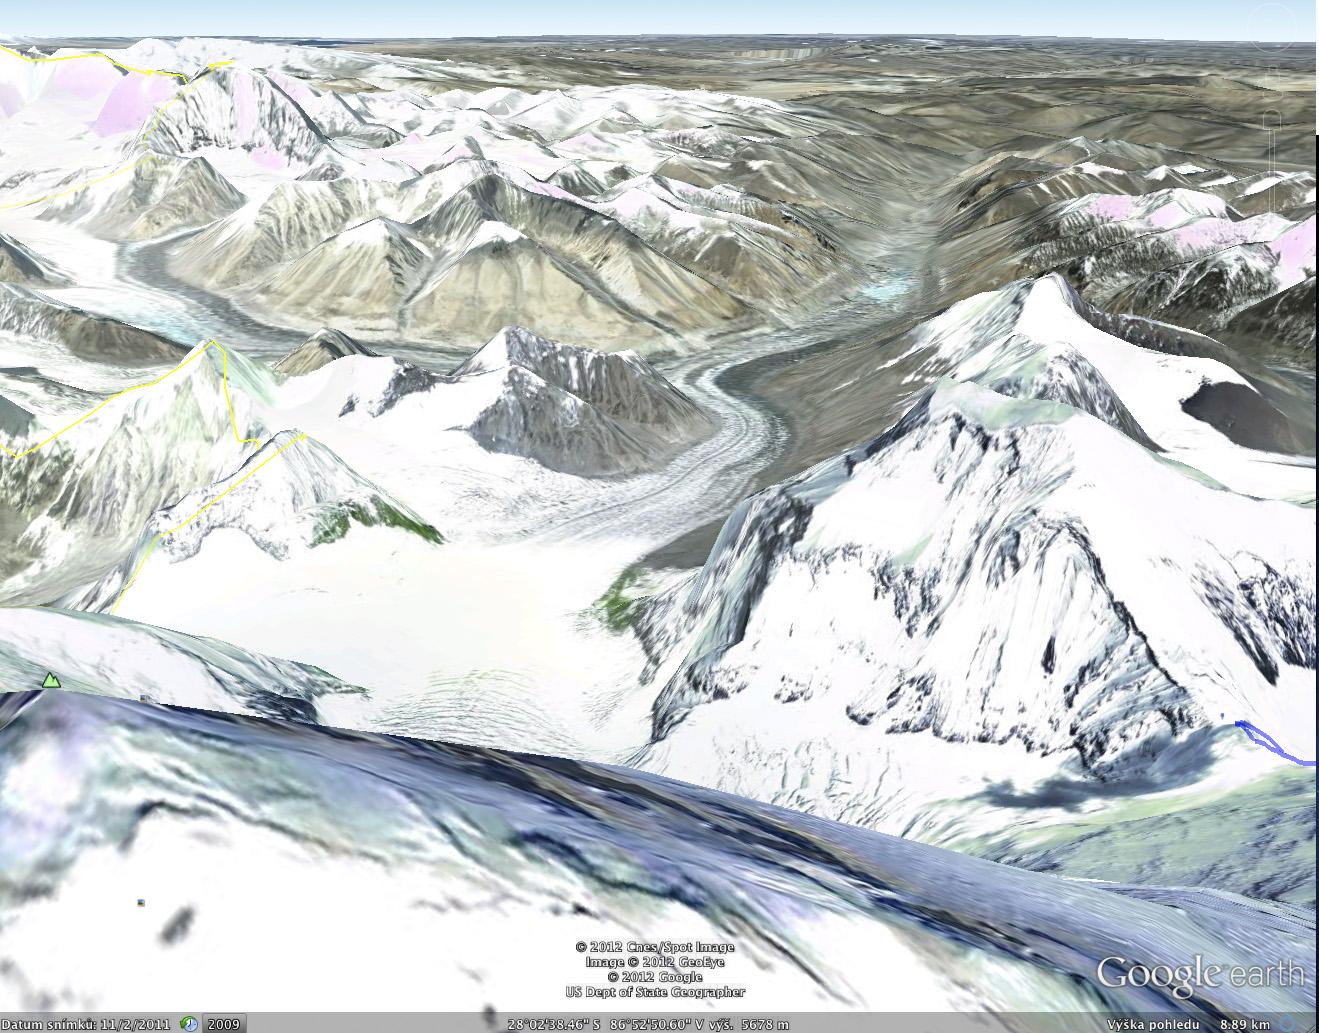 Google Earth, pohled se severního hřebene z předvrcholu